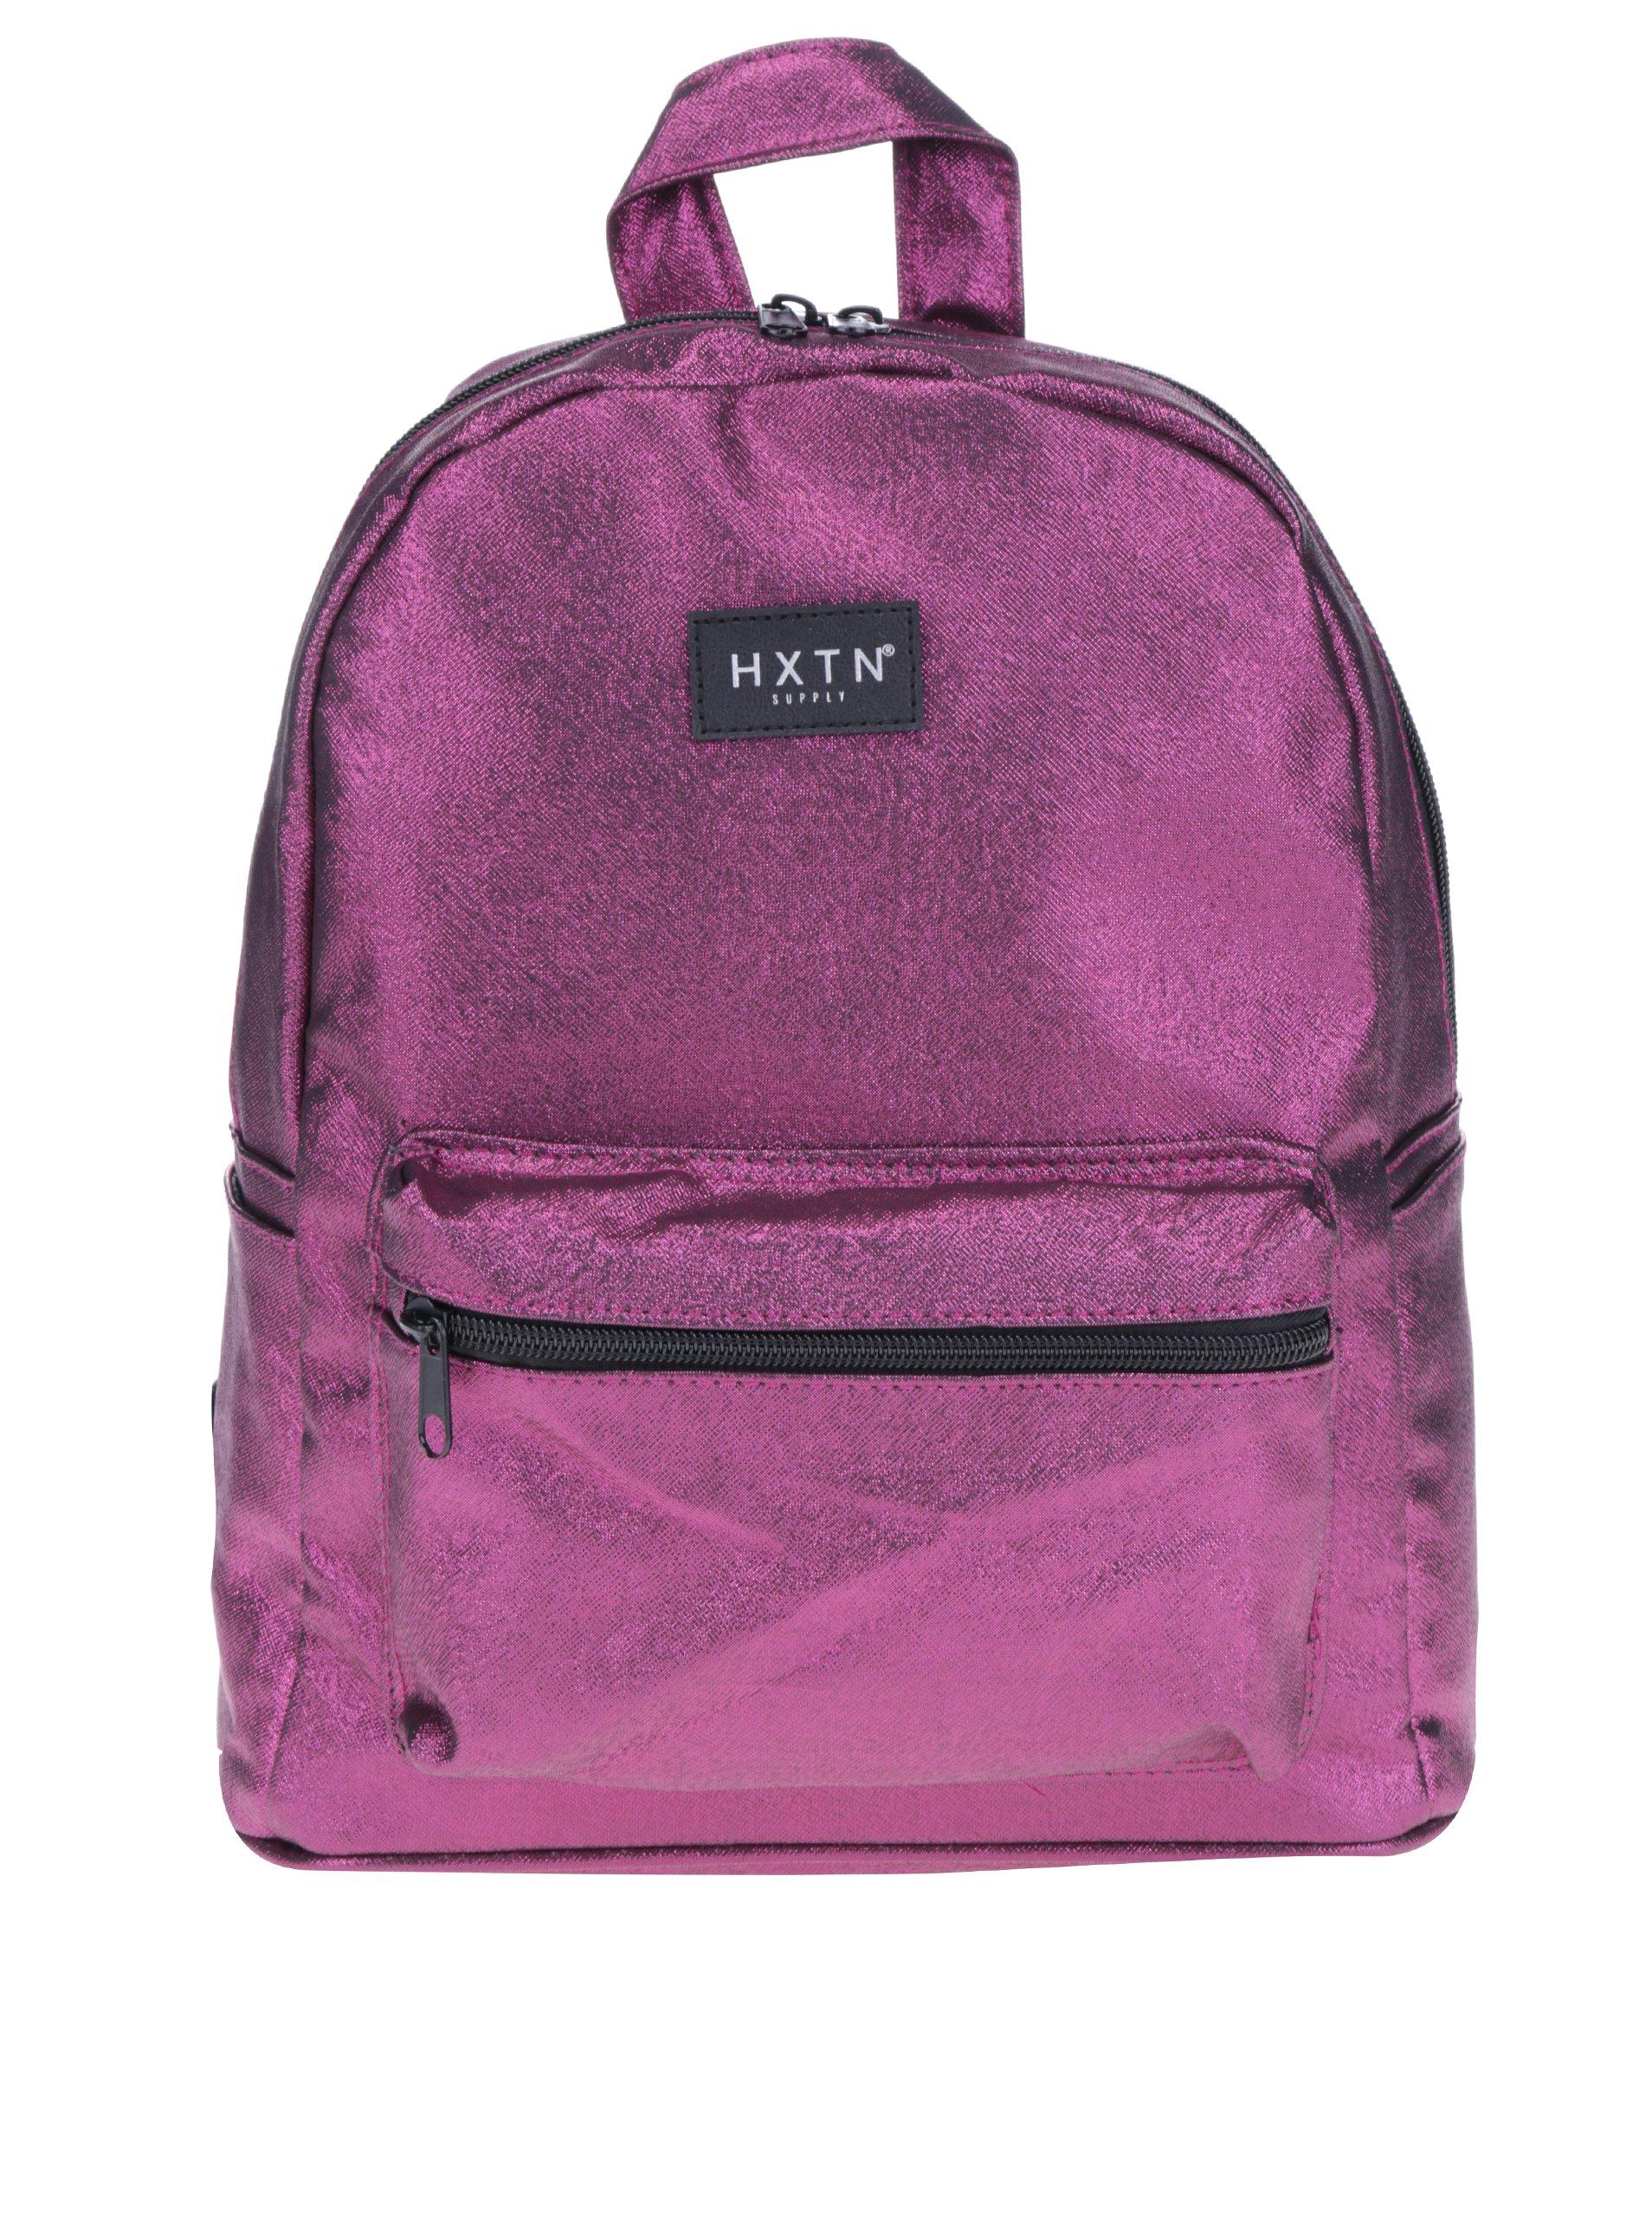 Růžový třpytivý batoh HXTN supply